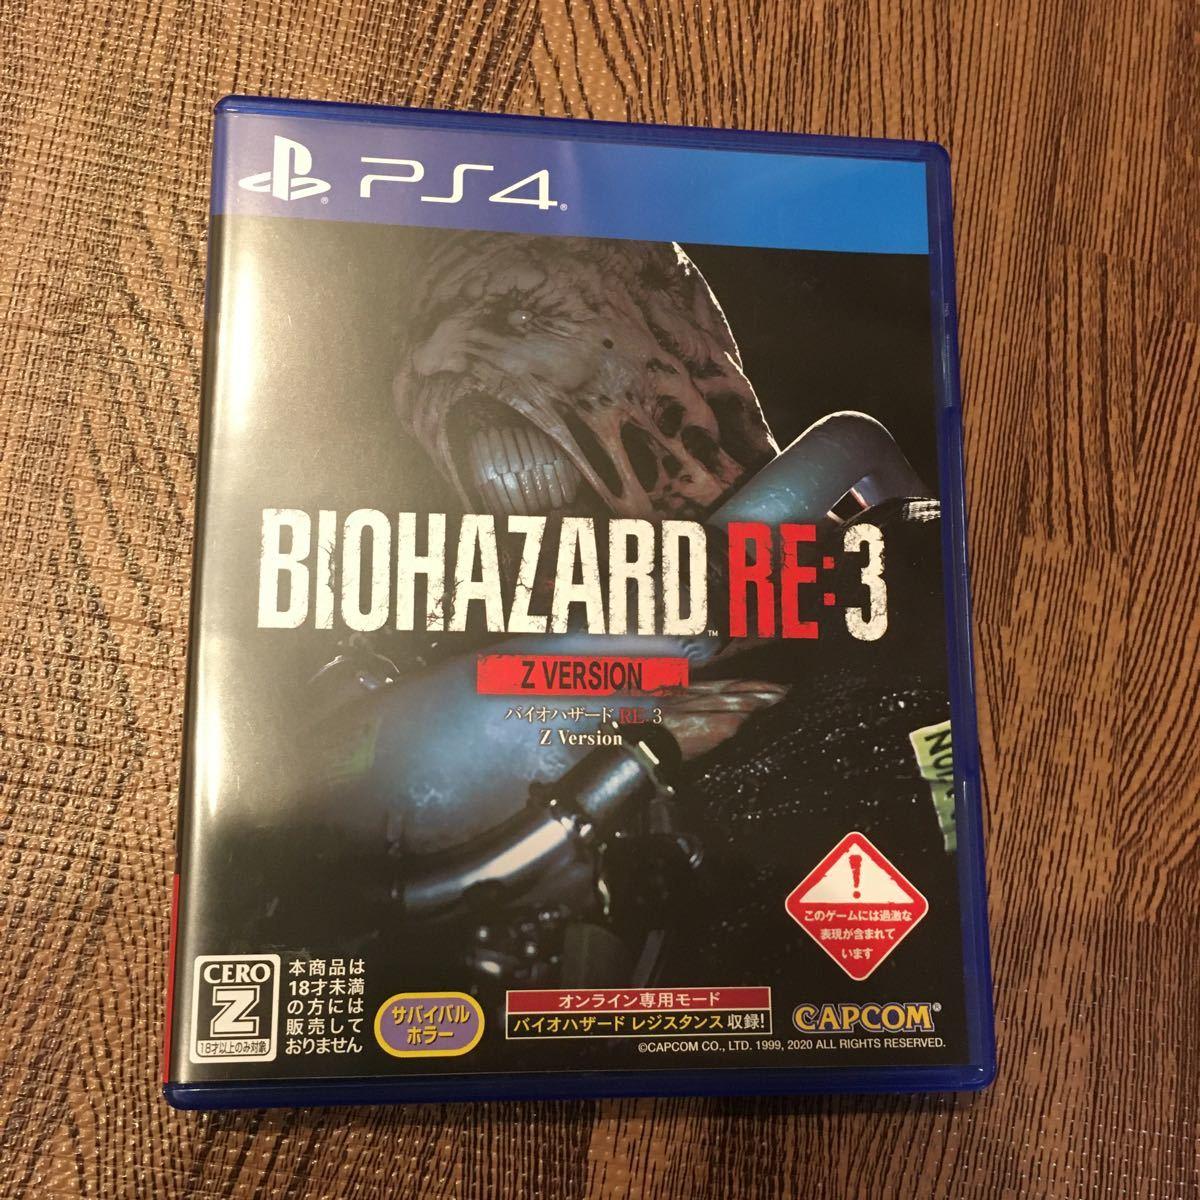 バイオハザード Re: 3 PS4 ZVersion